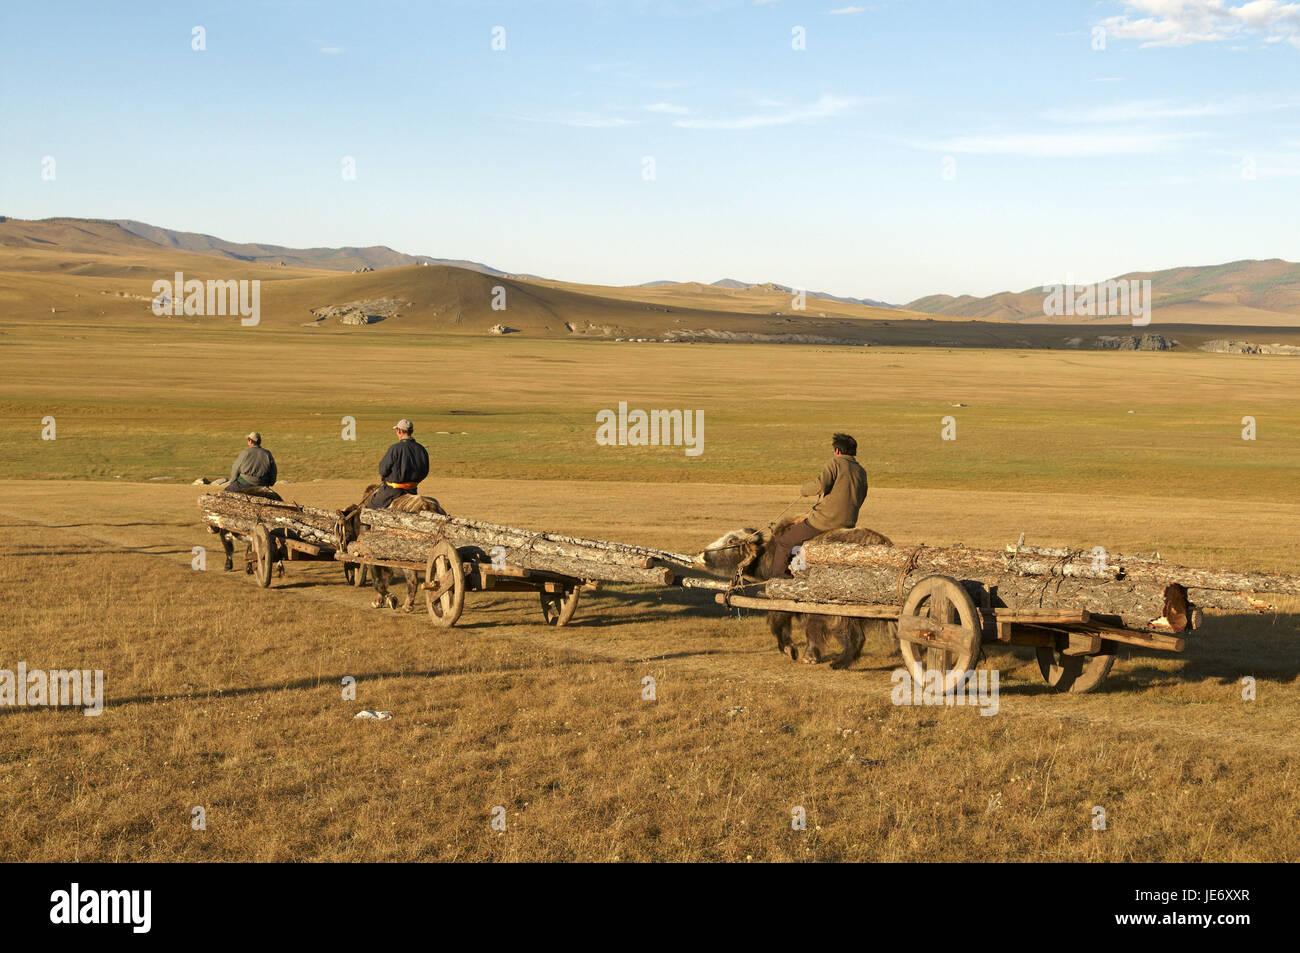 La Mongolie, l'Asie centrale, la province Arkhangai, NOMAD, yaks, chariots, transporter, en bois Photo Stock